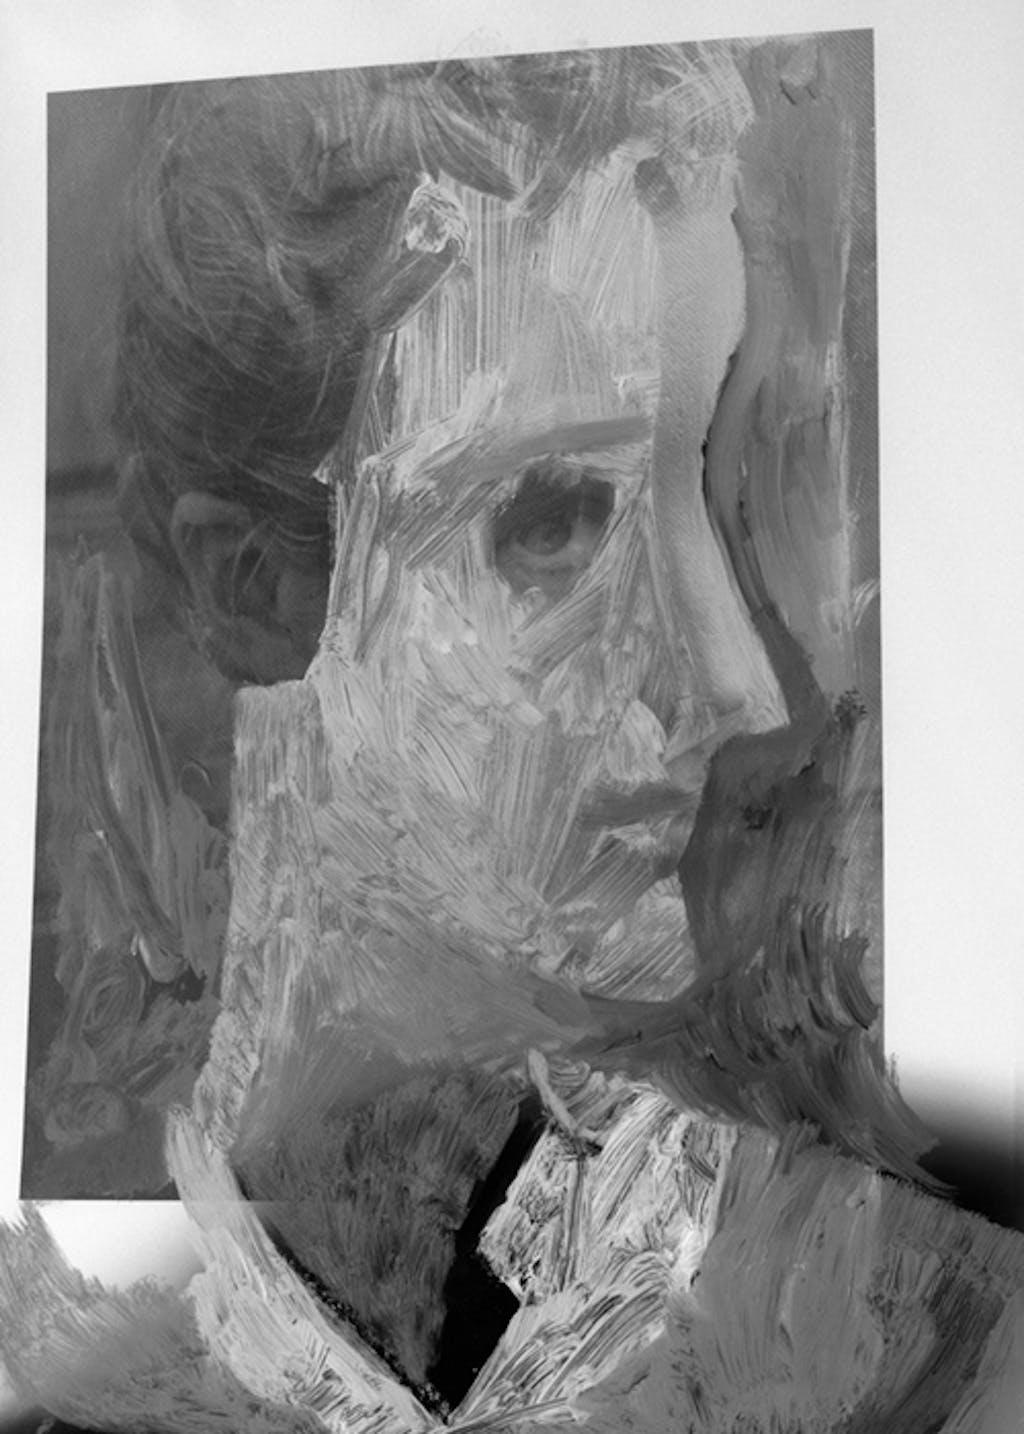 the eyes of eurydice #5 - © Paris Internationale